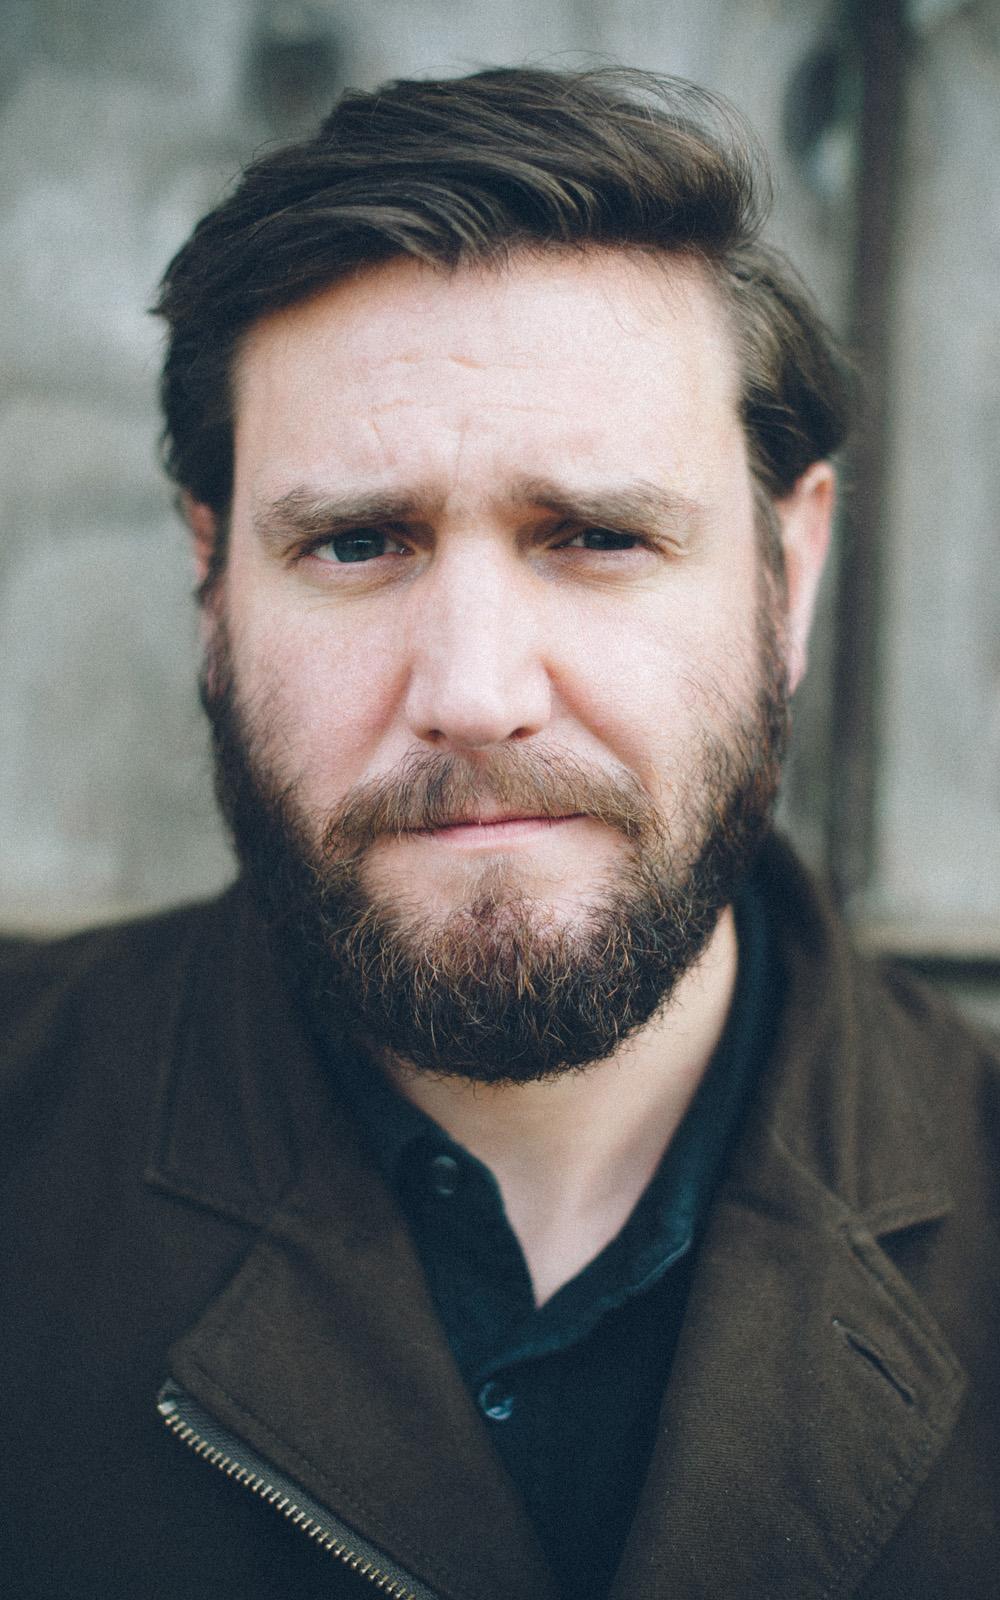 Ryan Nicodemus